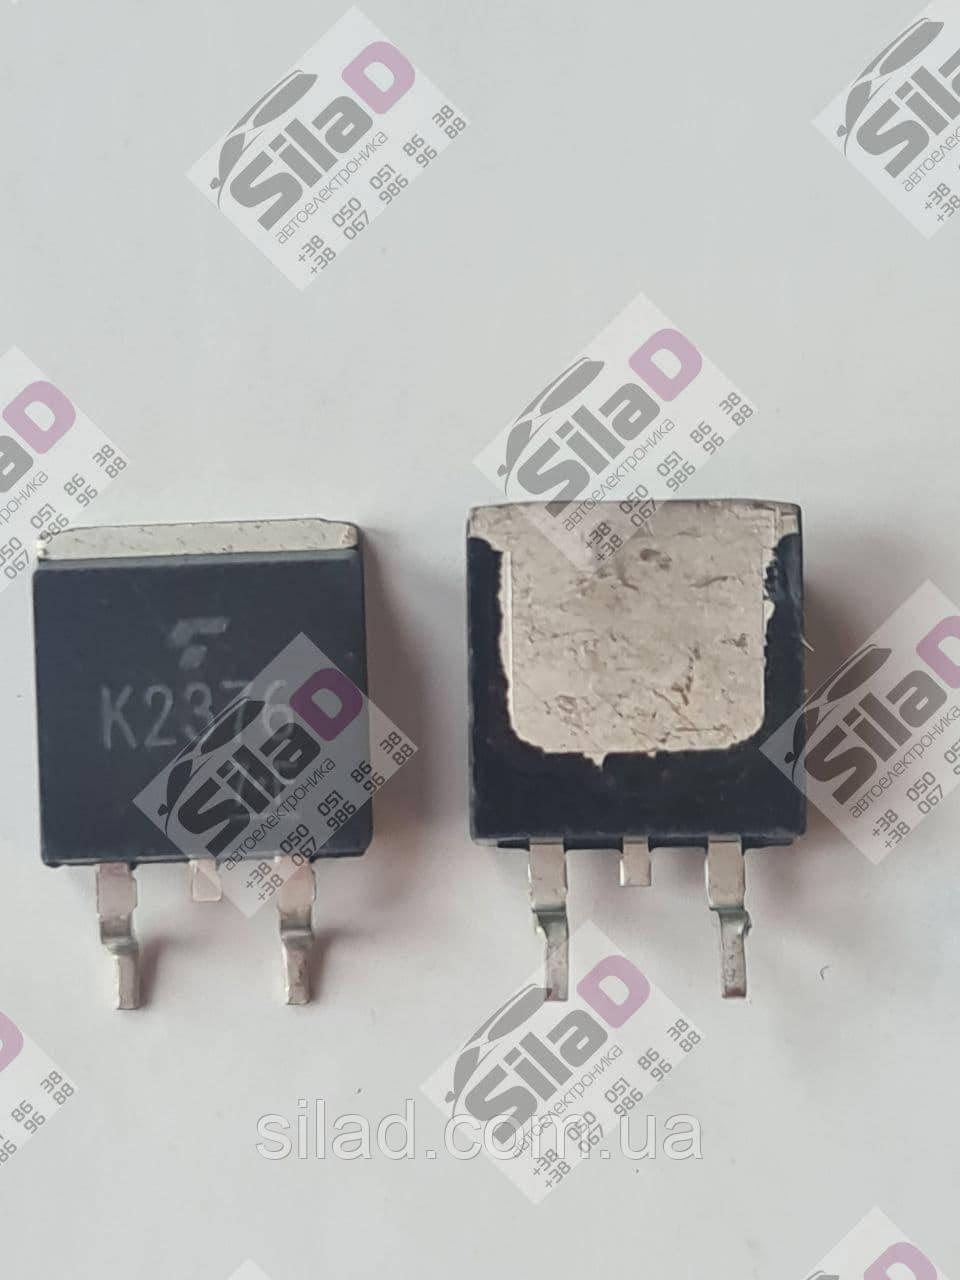 Транзистор 2SK2376 K2376 Toshiba корпус ТО-263